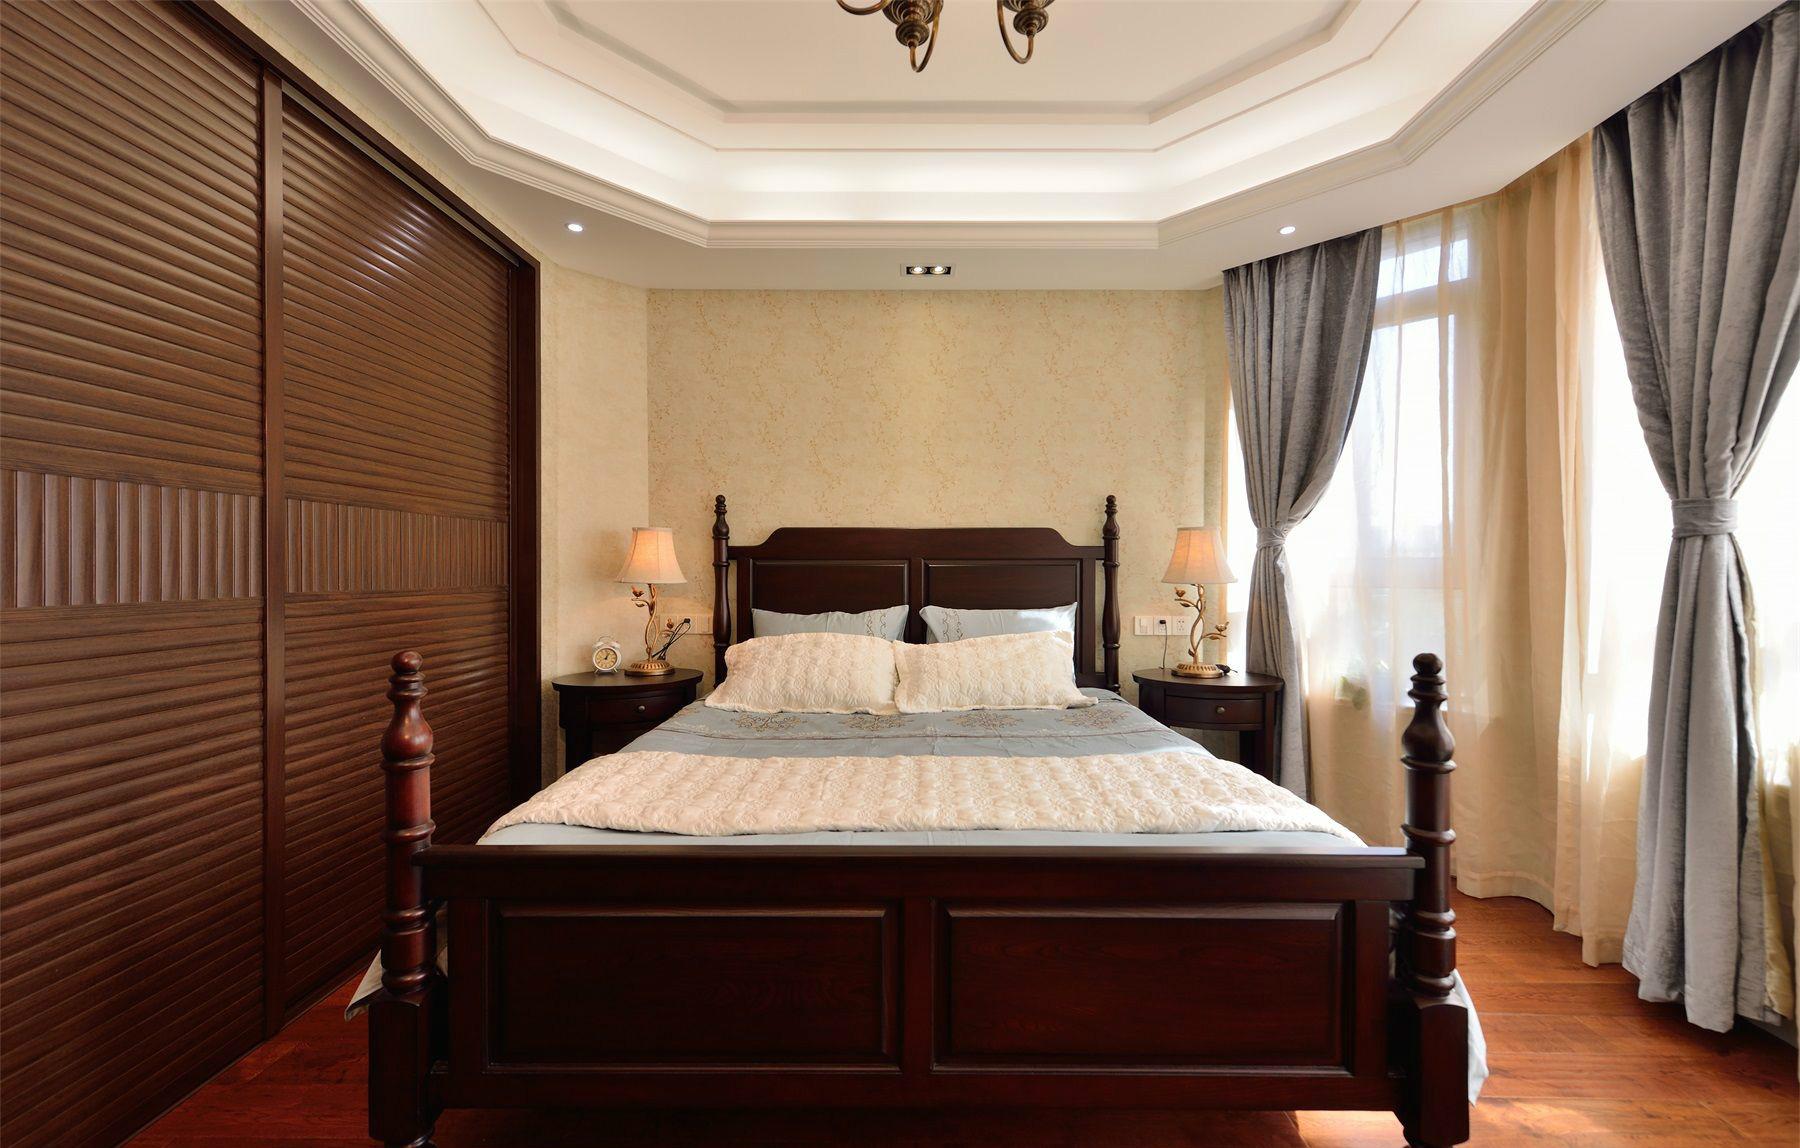 卧室这个私密空间打造成一个释放压力、休憩心灵的驿站